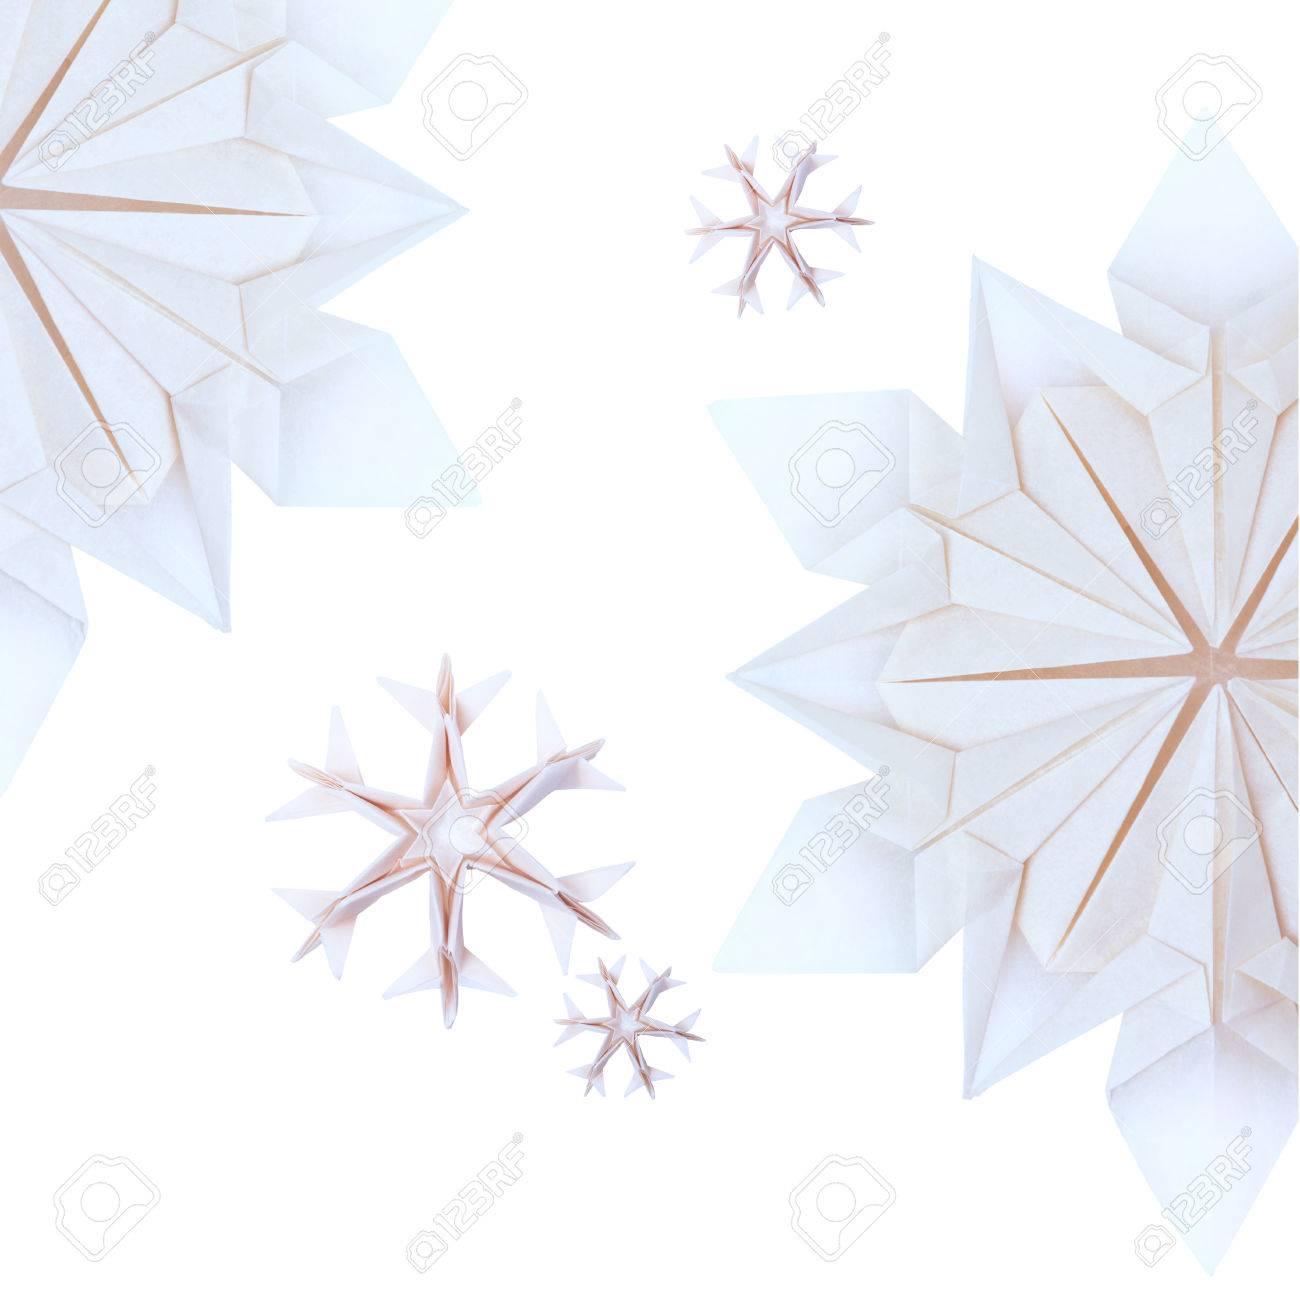 Origami Carta Fragilità Natale Freddi Fiocchi Di Neve Blu Su Sfondo Bianco